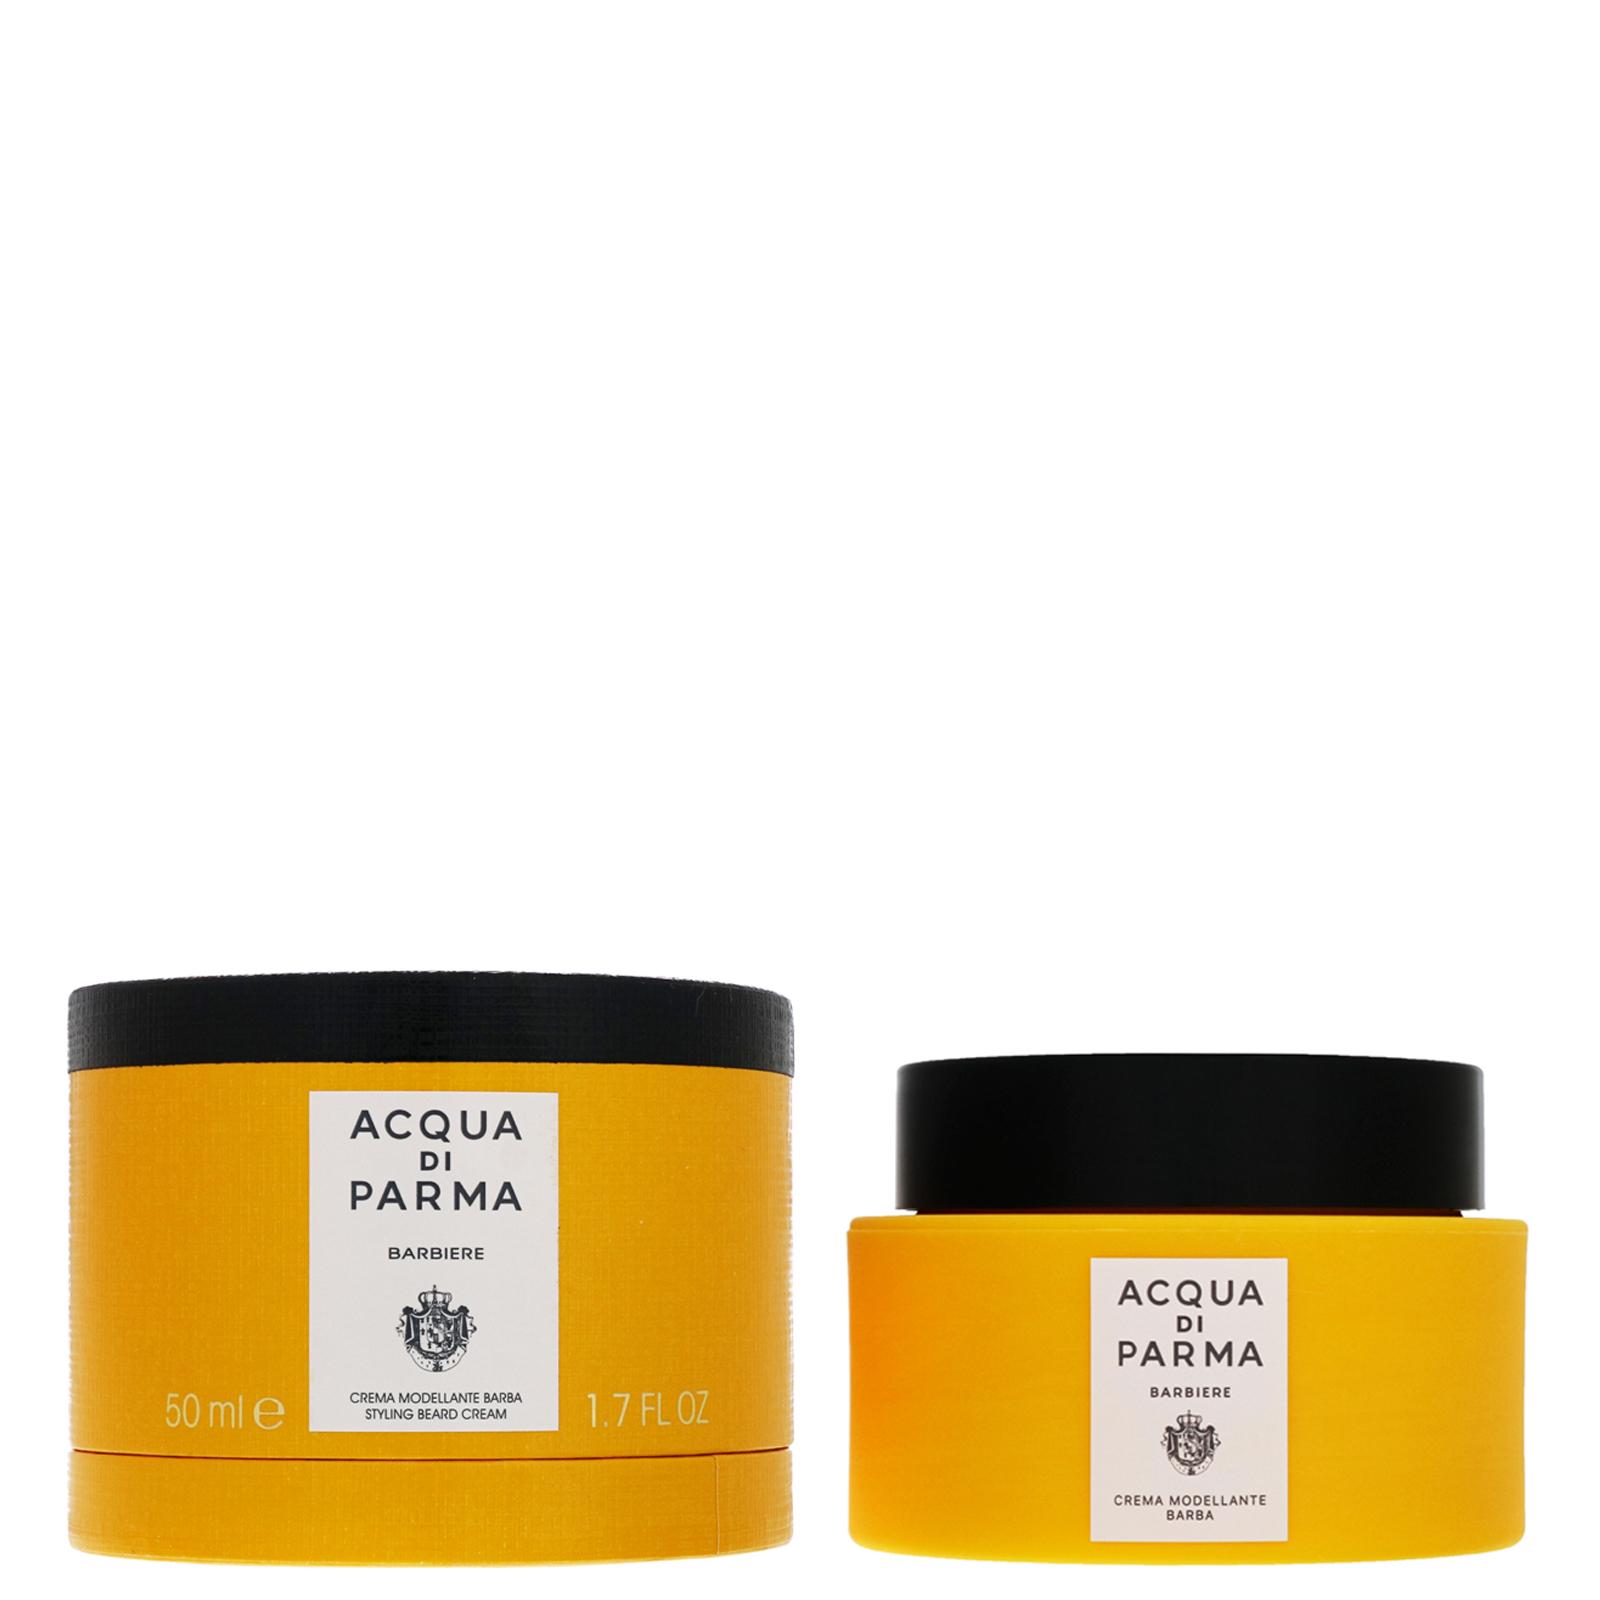 Acqua di Parma 帕尔玛之水 男士剃须系列 造型霜 - 50ml